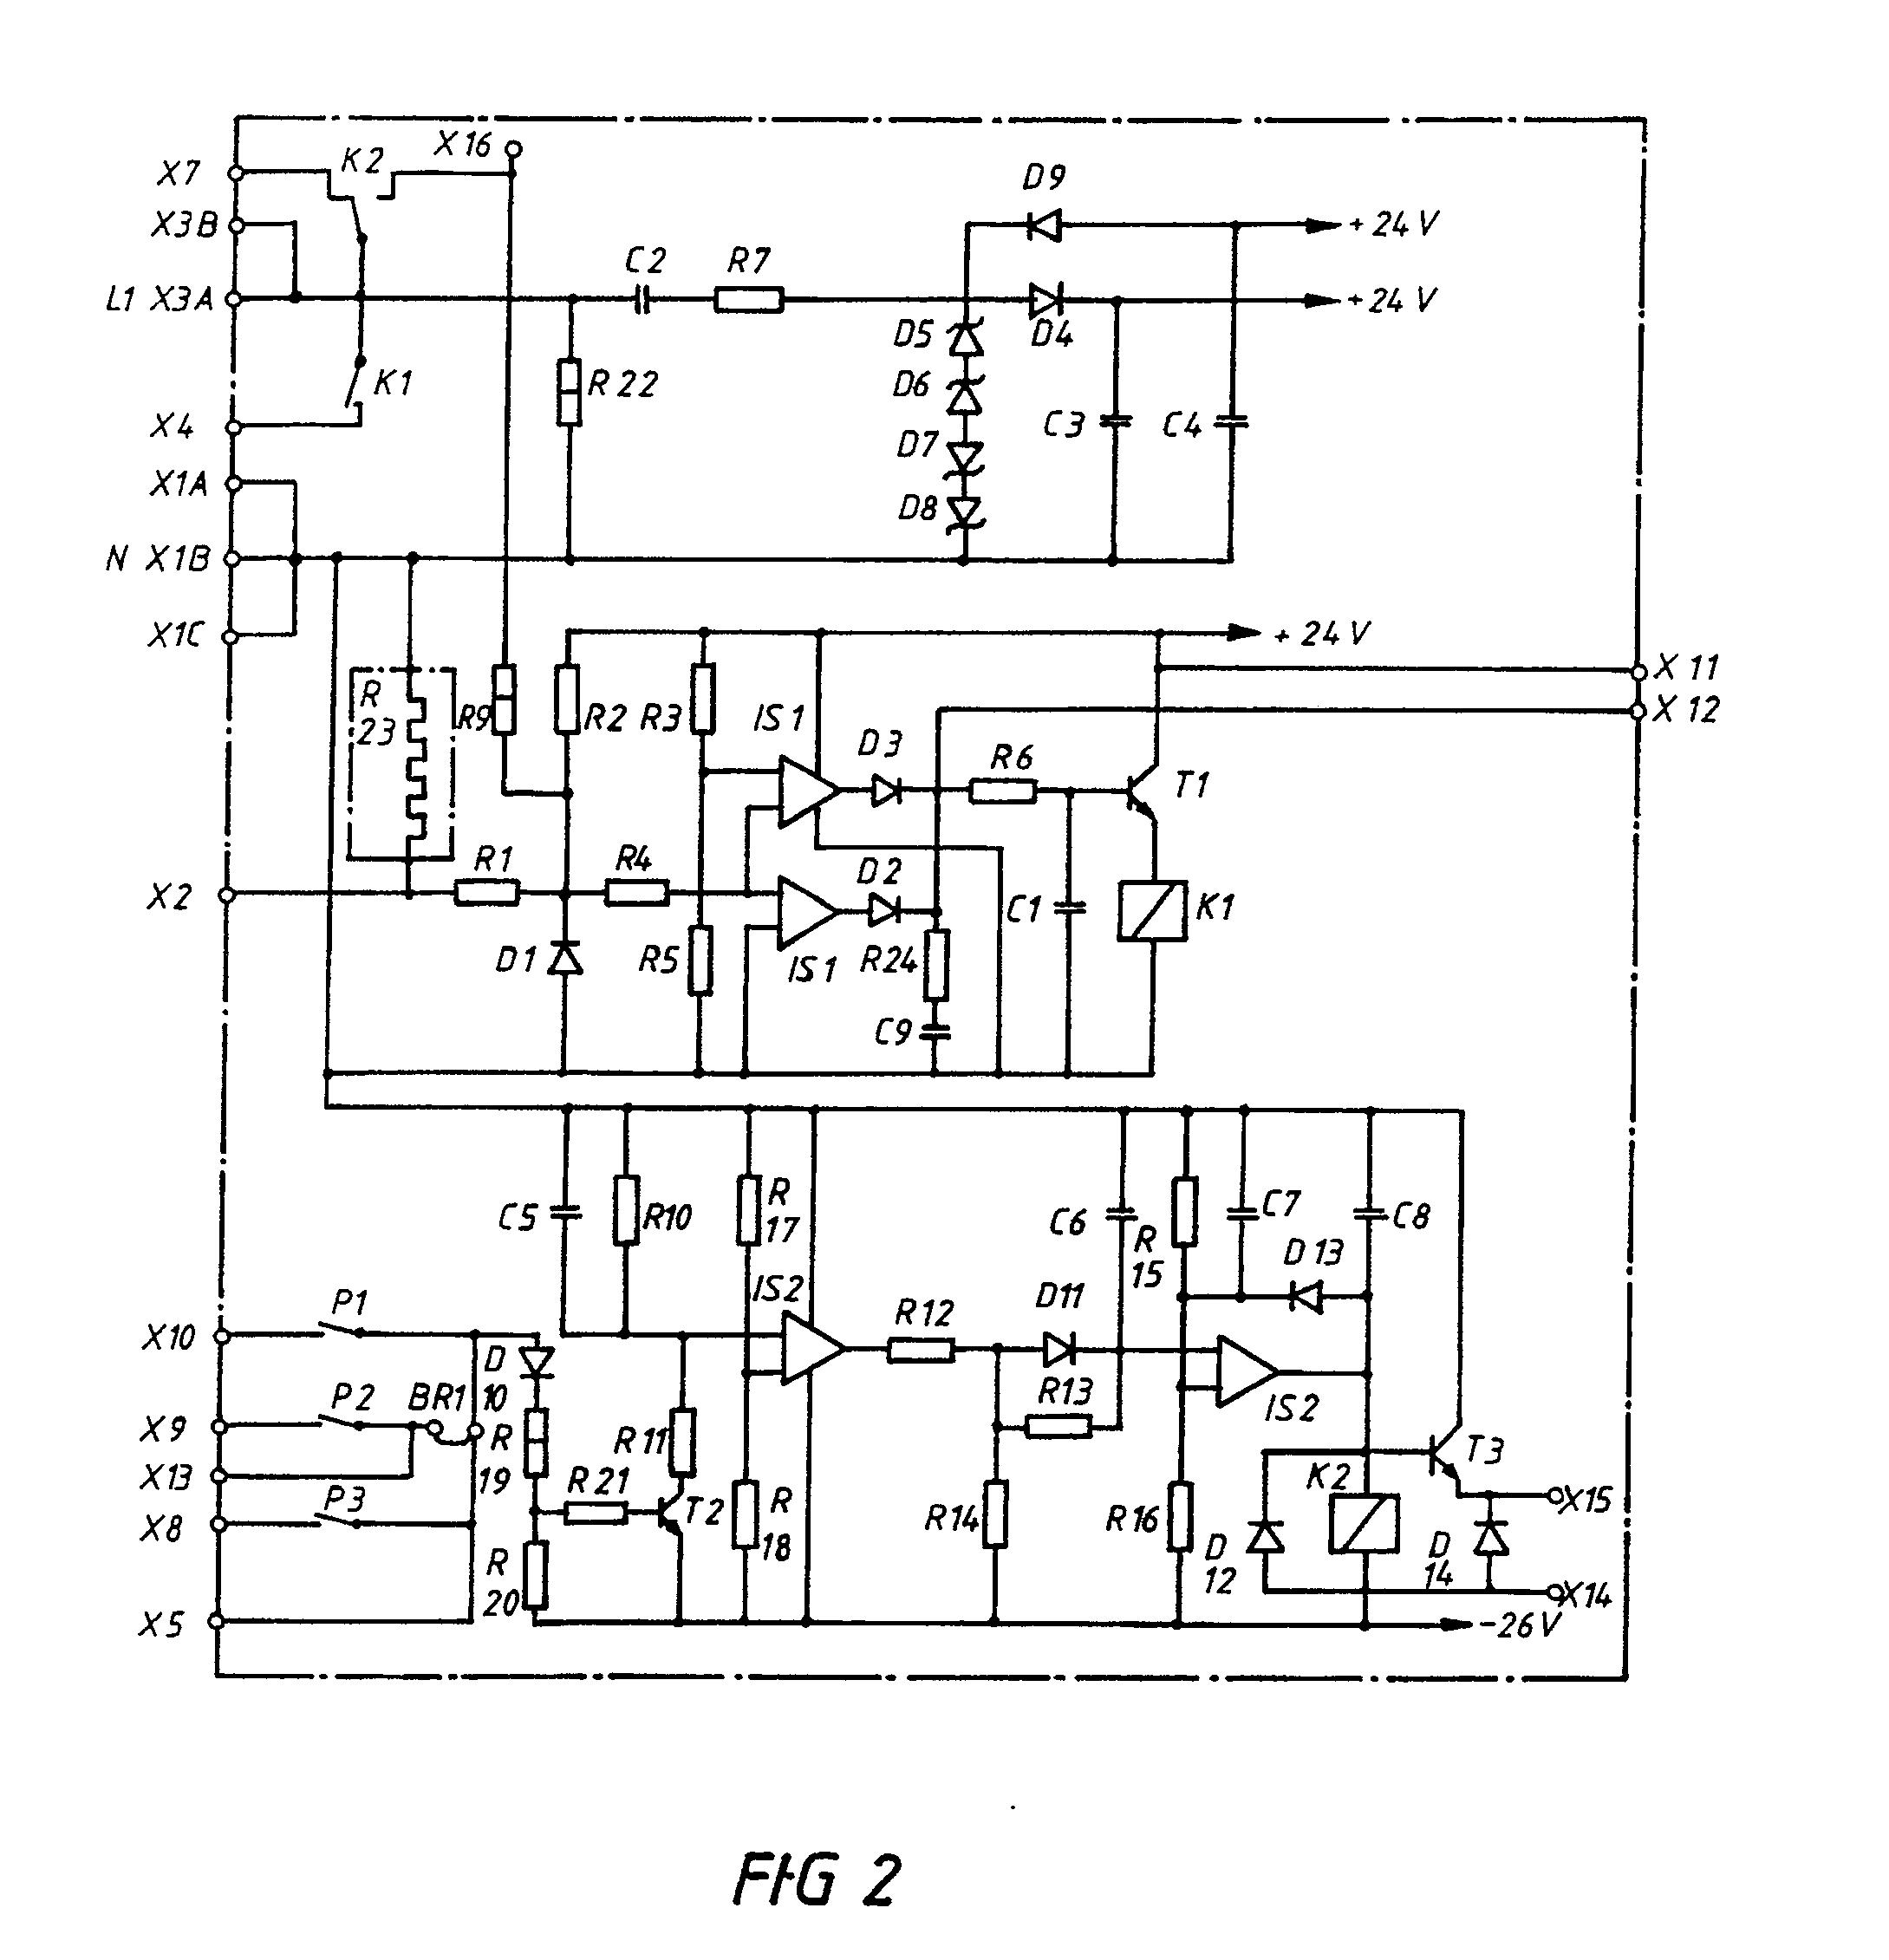 patent ep0455226a2 einschaltautomatik f r ein. Black Bedroom Furniture Sets. Home Design Ideas